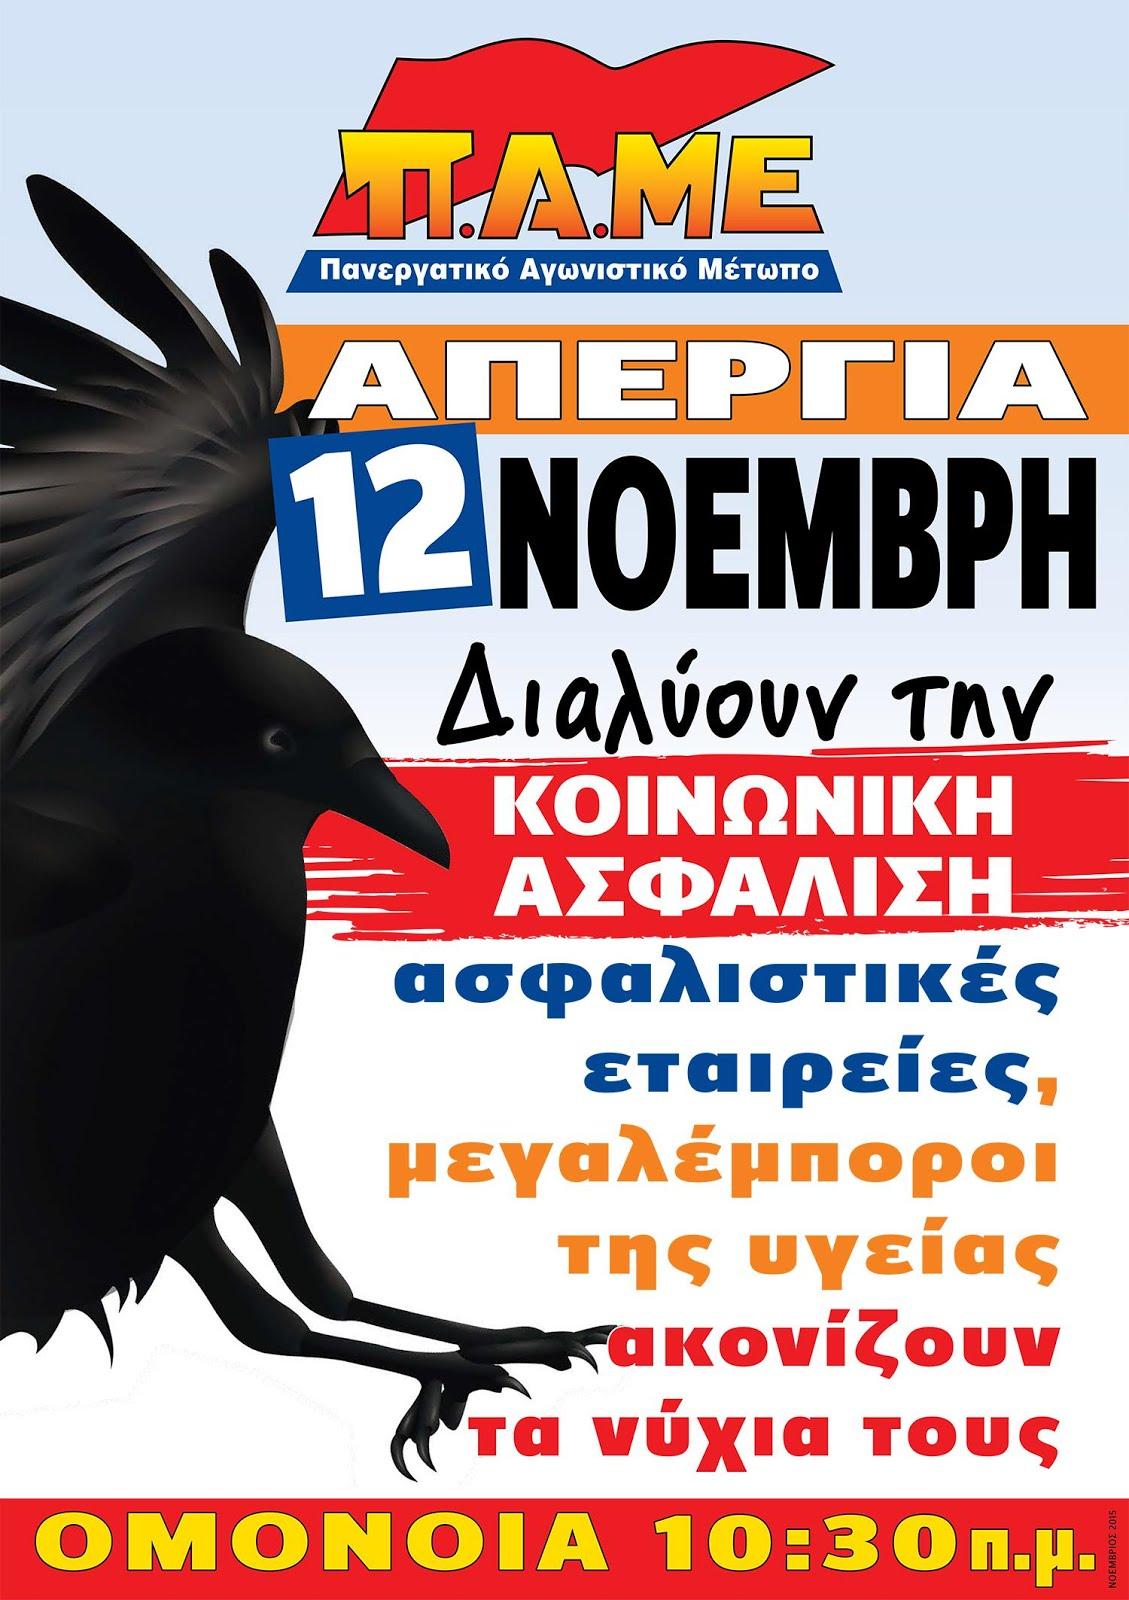 ΑΠΕΡΓΙΑ 12 ΝΟΕΜΒΡΗ